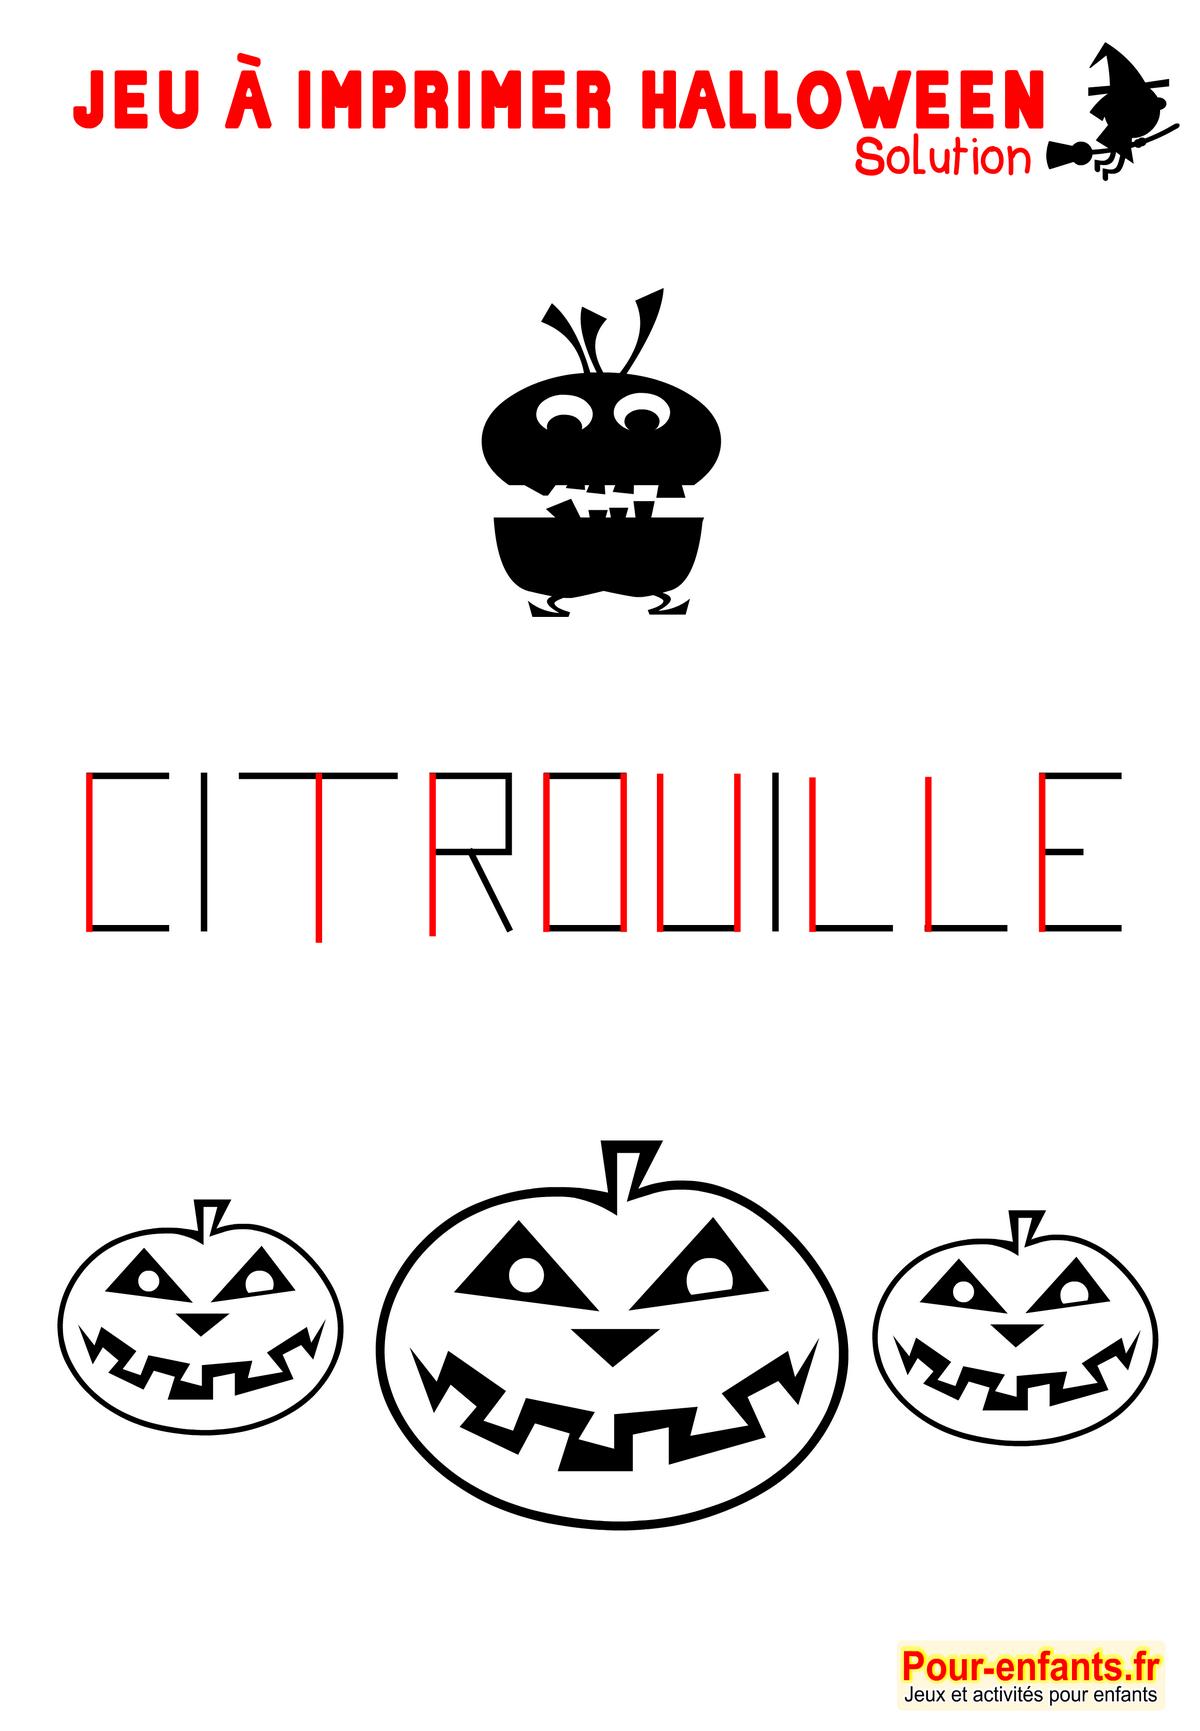 Jeux imprimer halloween lettres solution jeu imprimable - Image halloween a imprimer ...